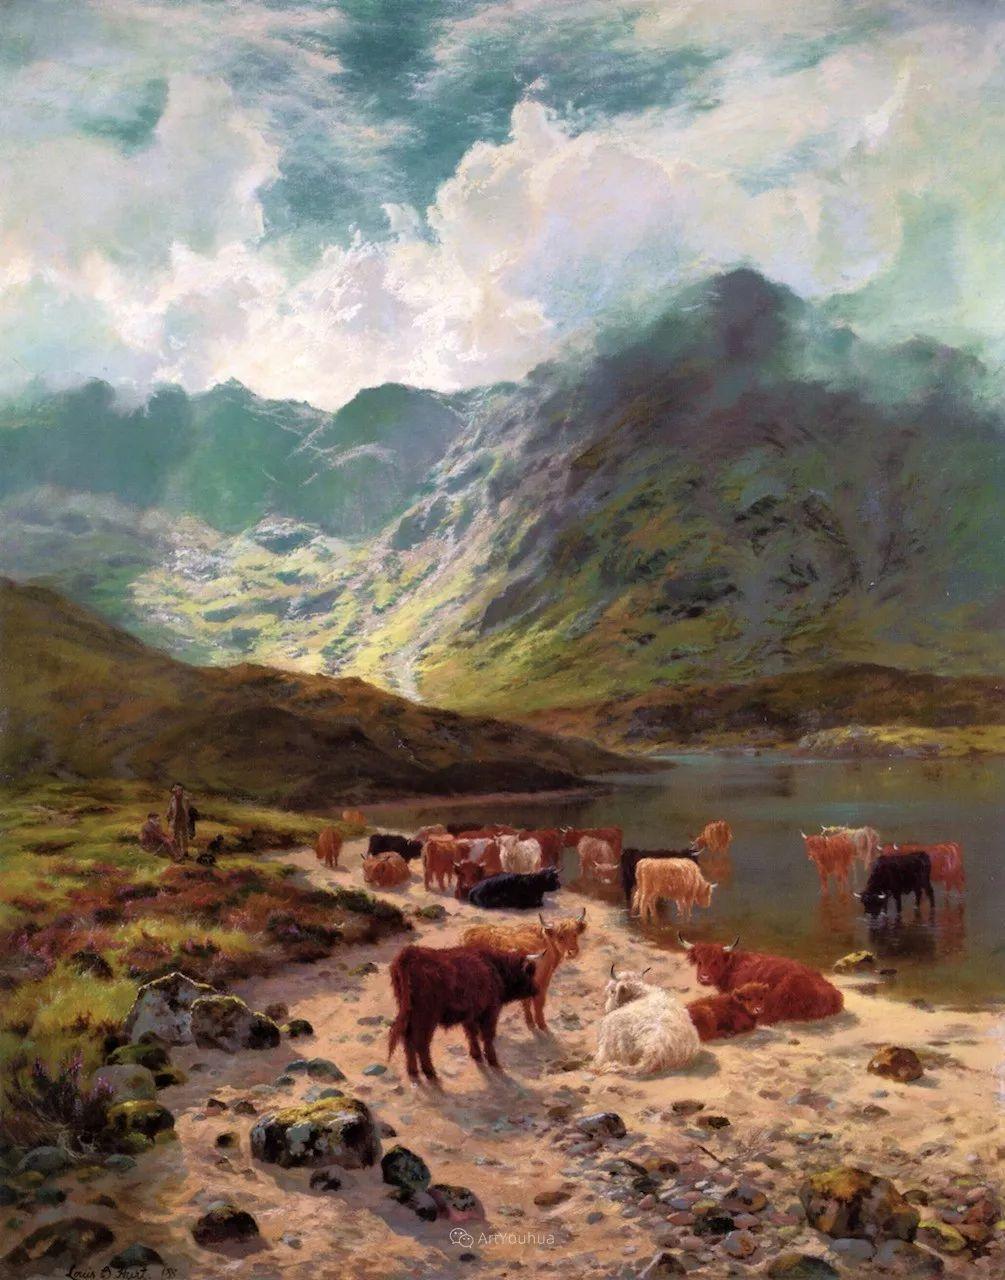 高地牛与风景的完美融合,太壮观了!英国画家Louis Bosworth Hurt插图